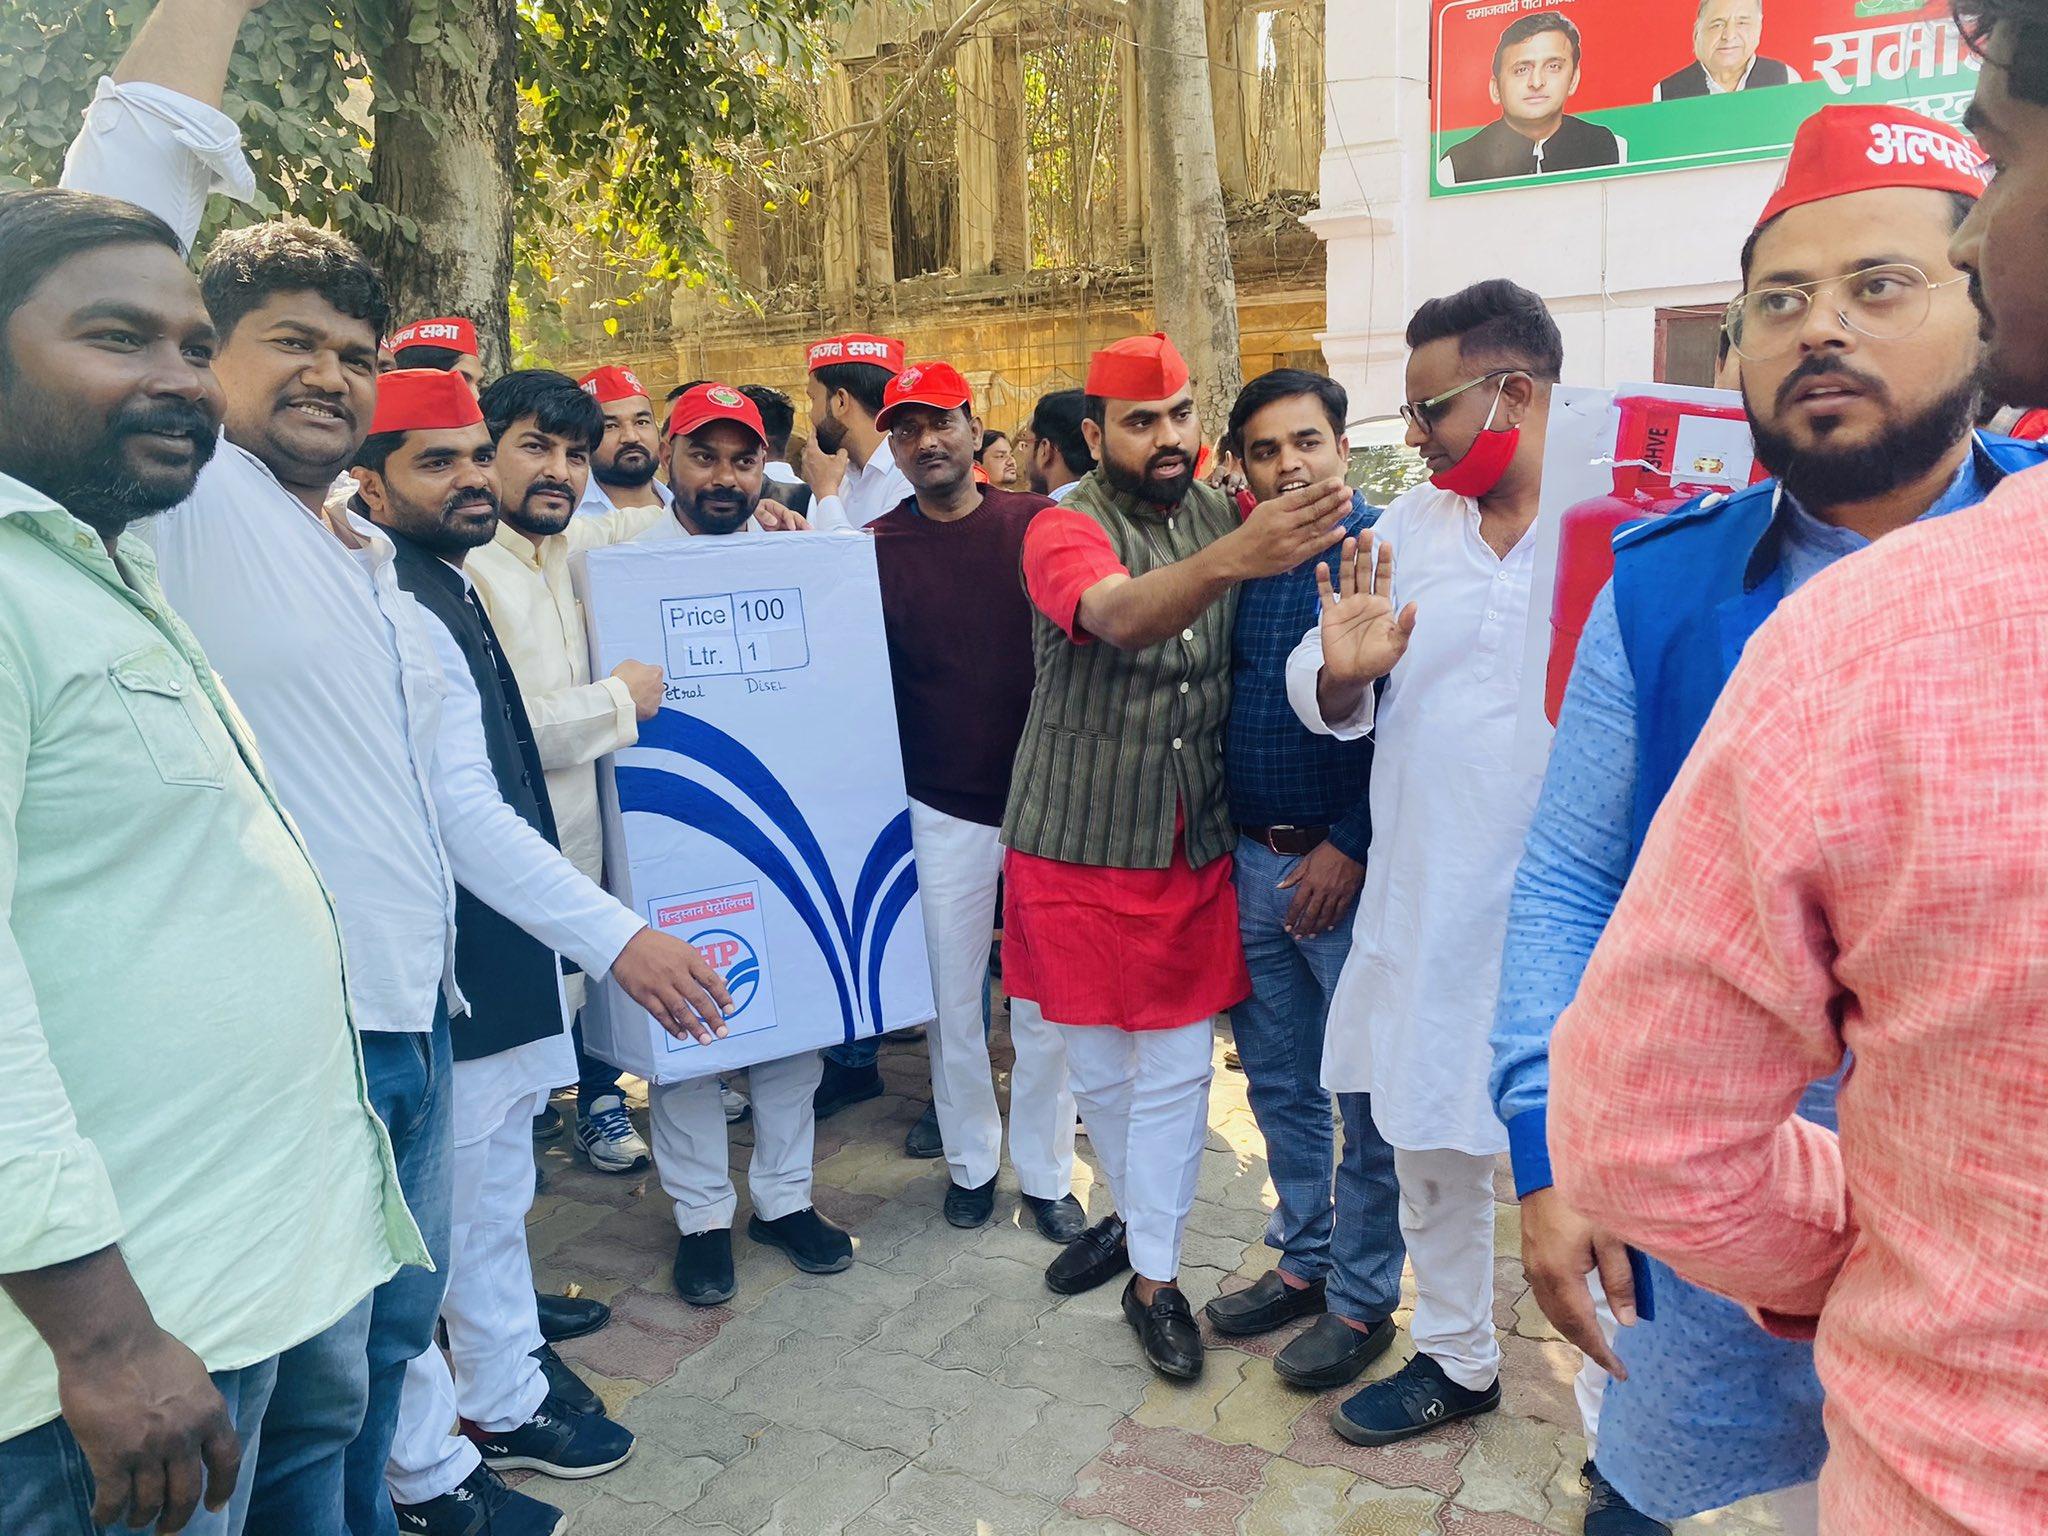 बढ़ती महंगाई को लेकर राजधानी लखनऊ में सपा का प्रदर्शन